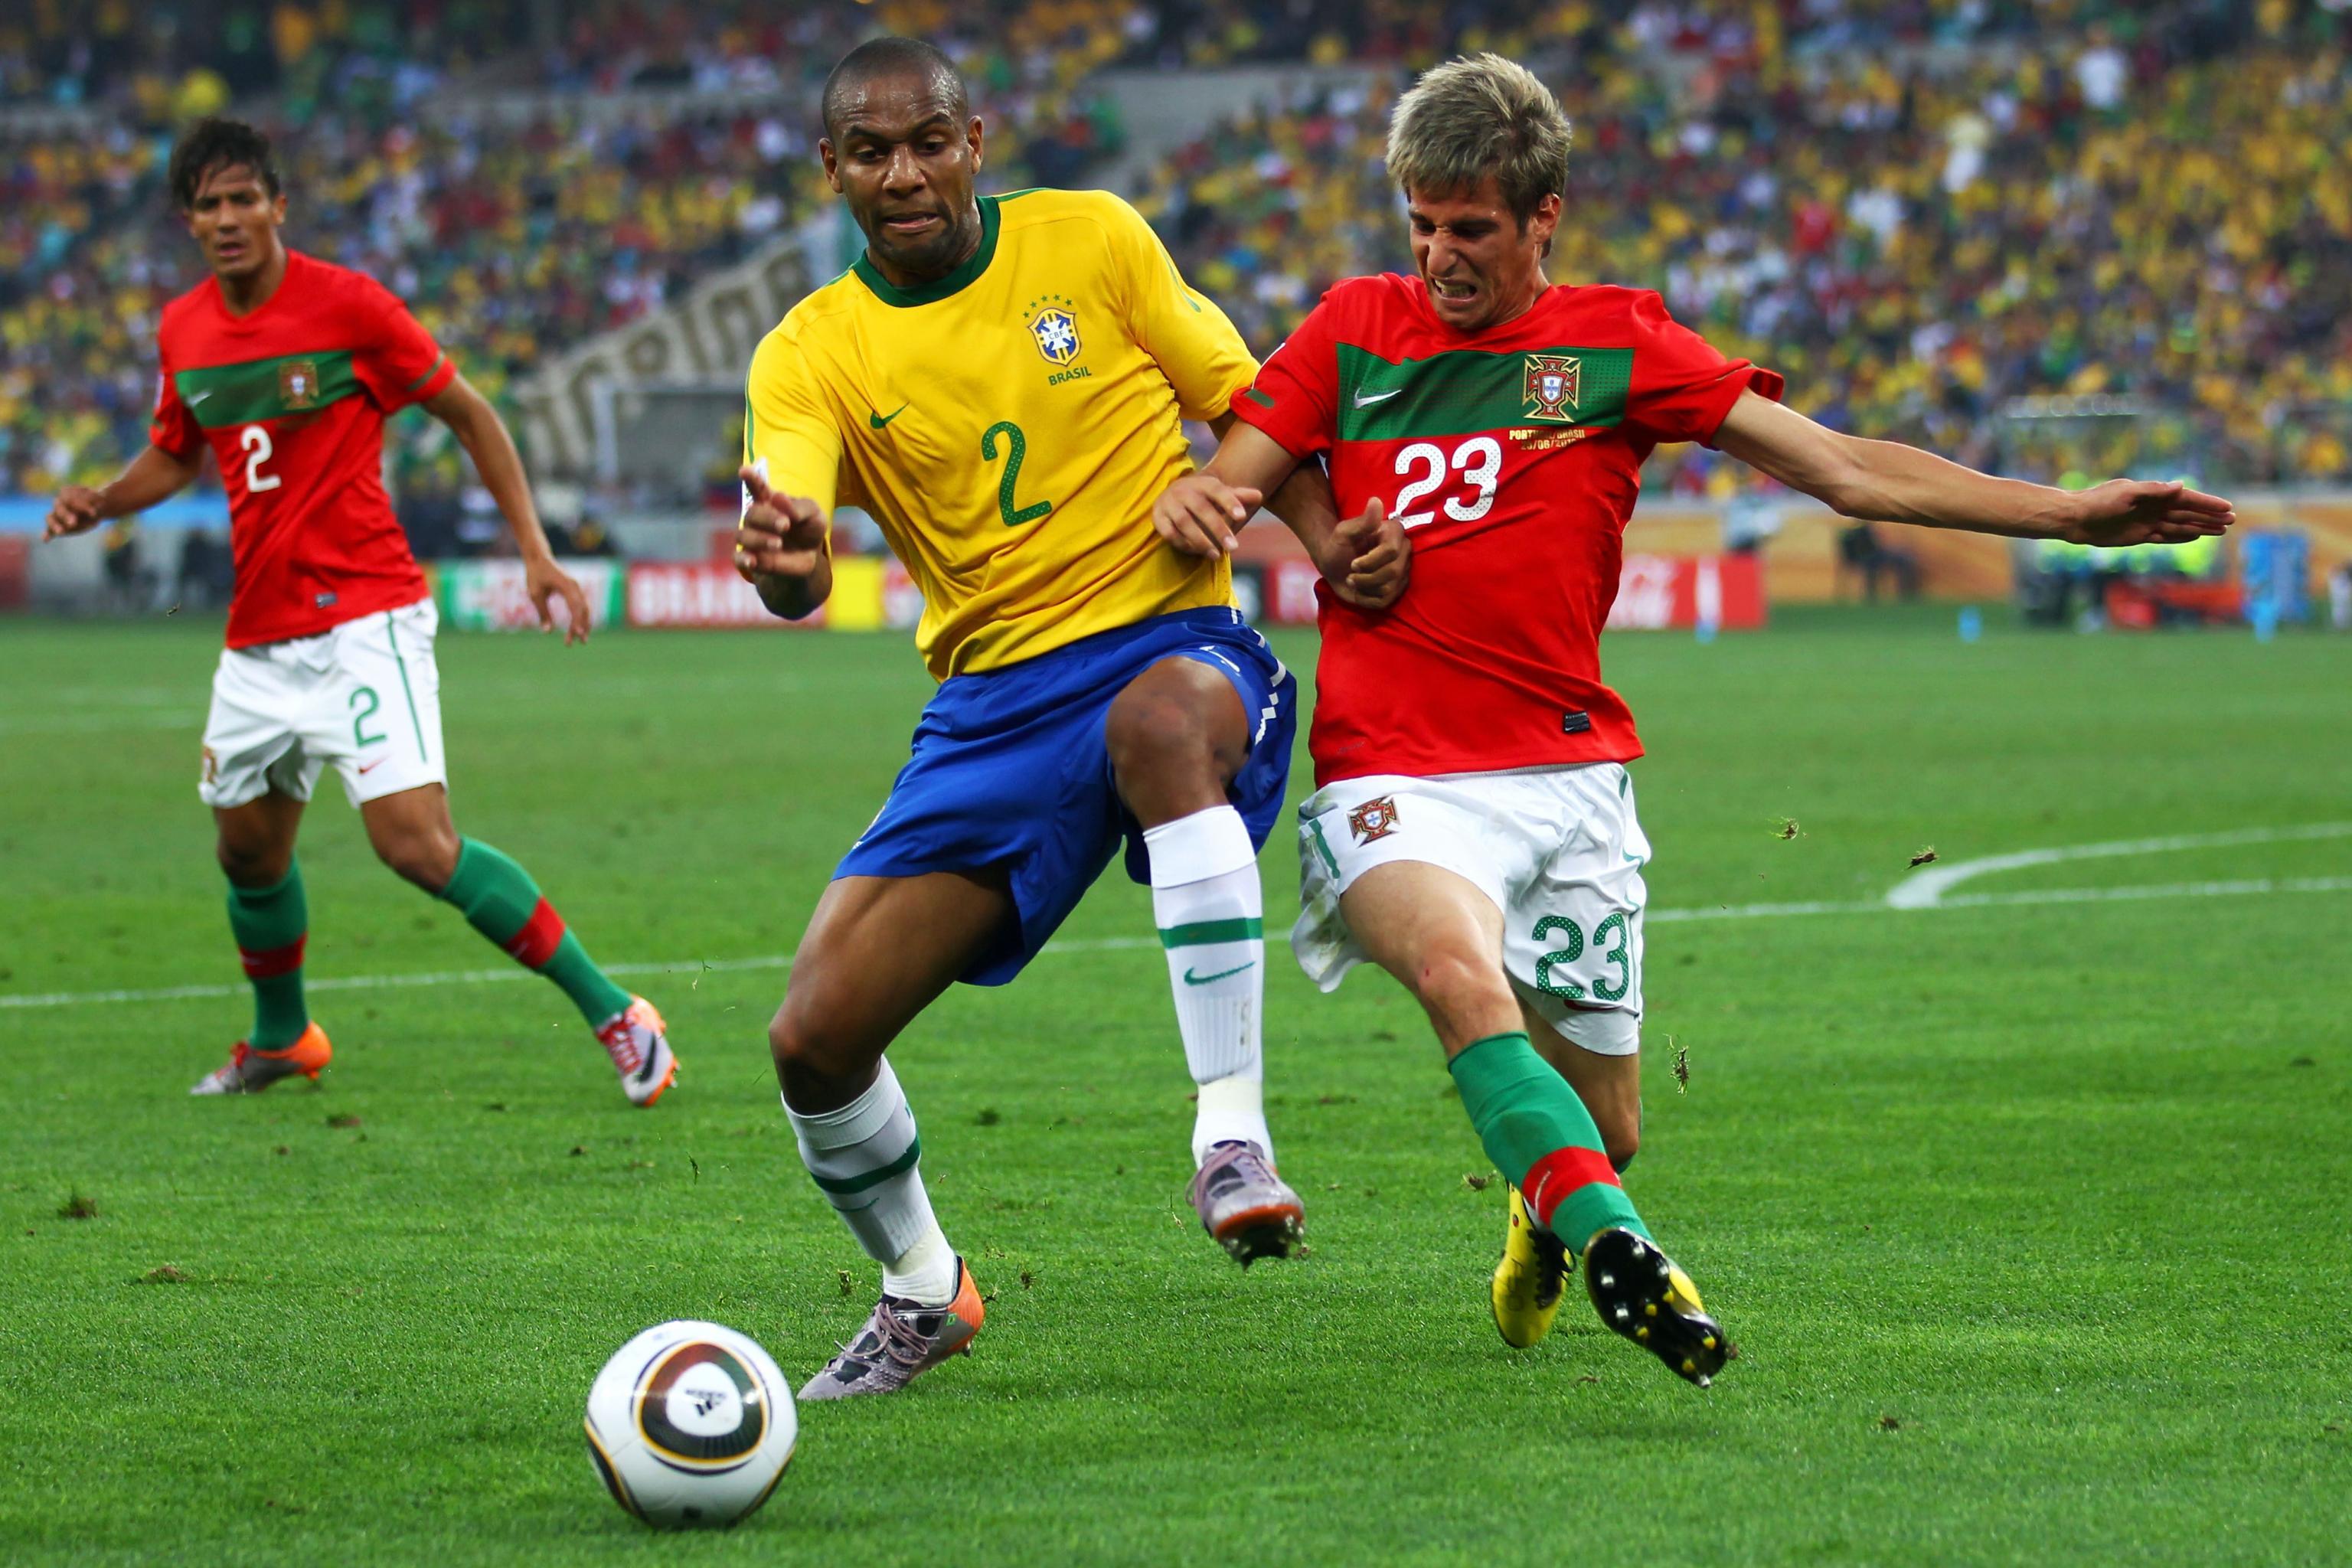 Brazil vs spain betting previews peta pantai muara betting tips